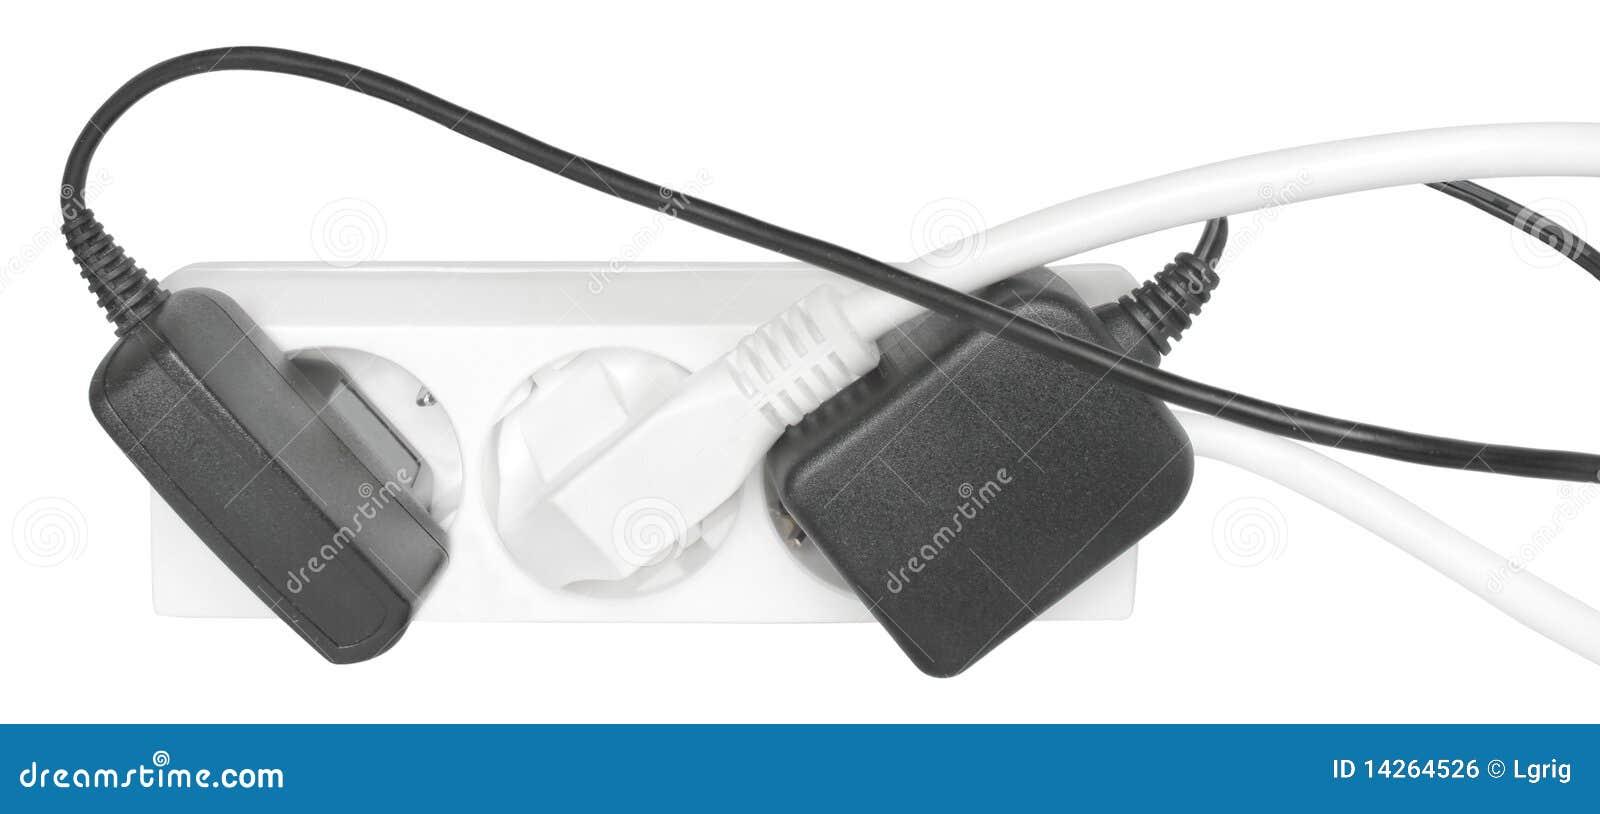 Enchufes eléctricos